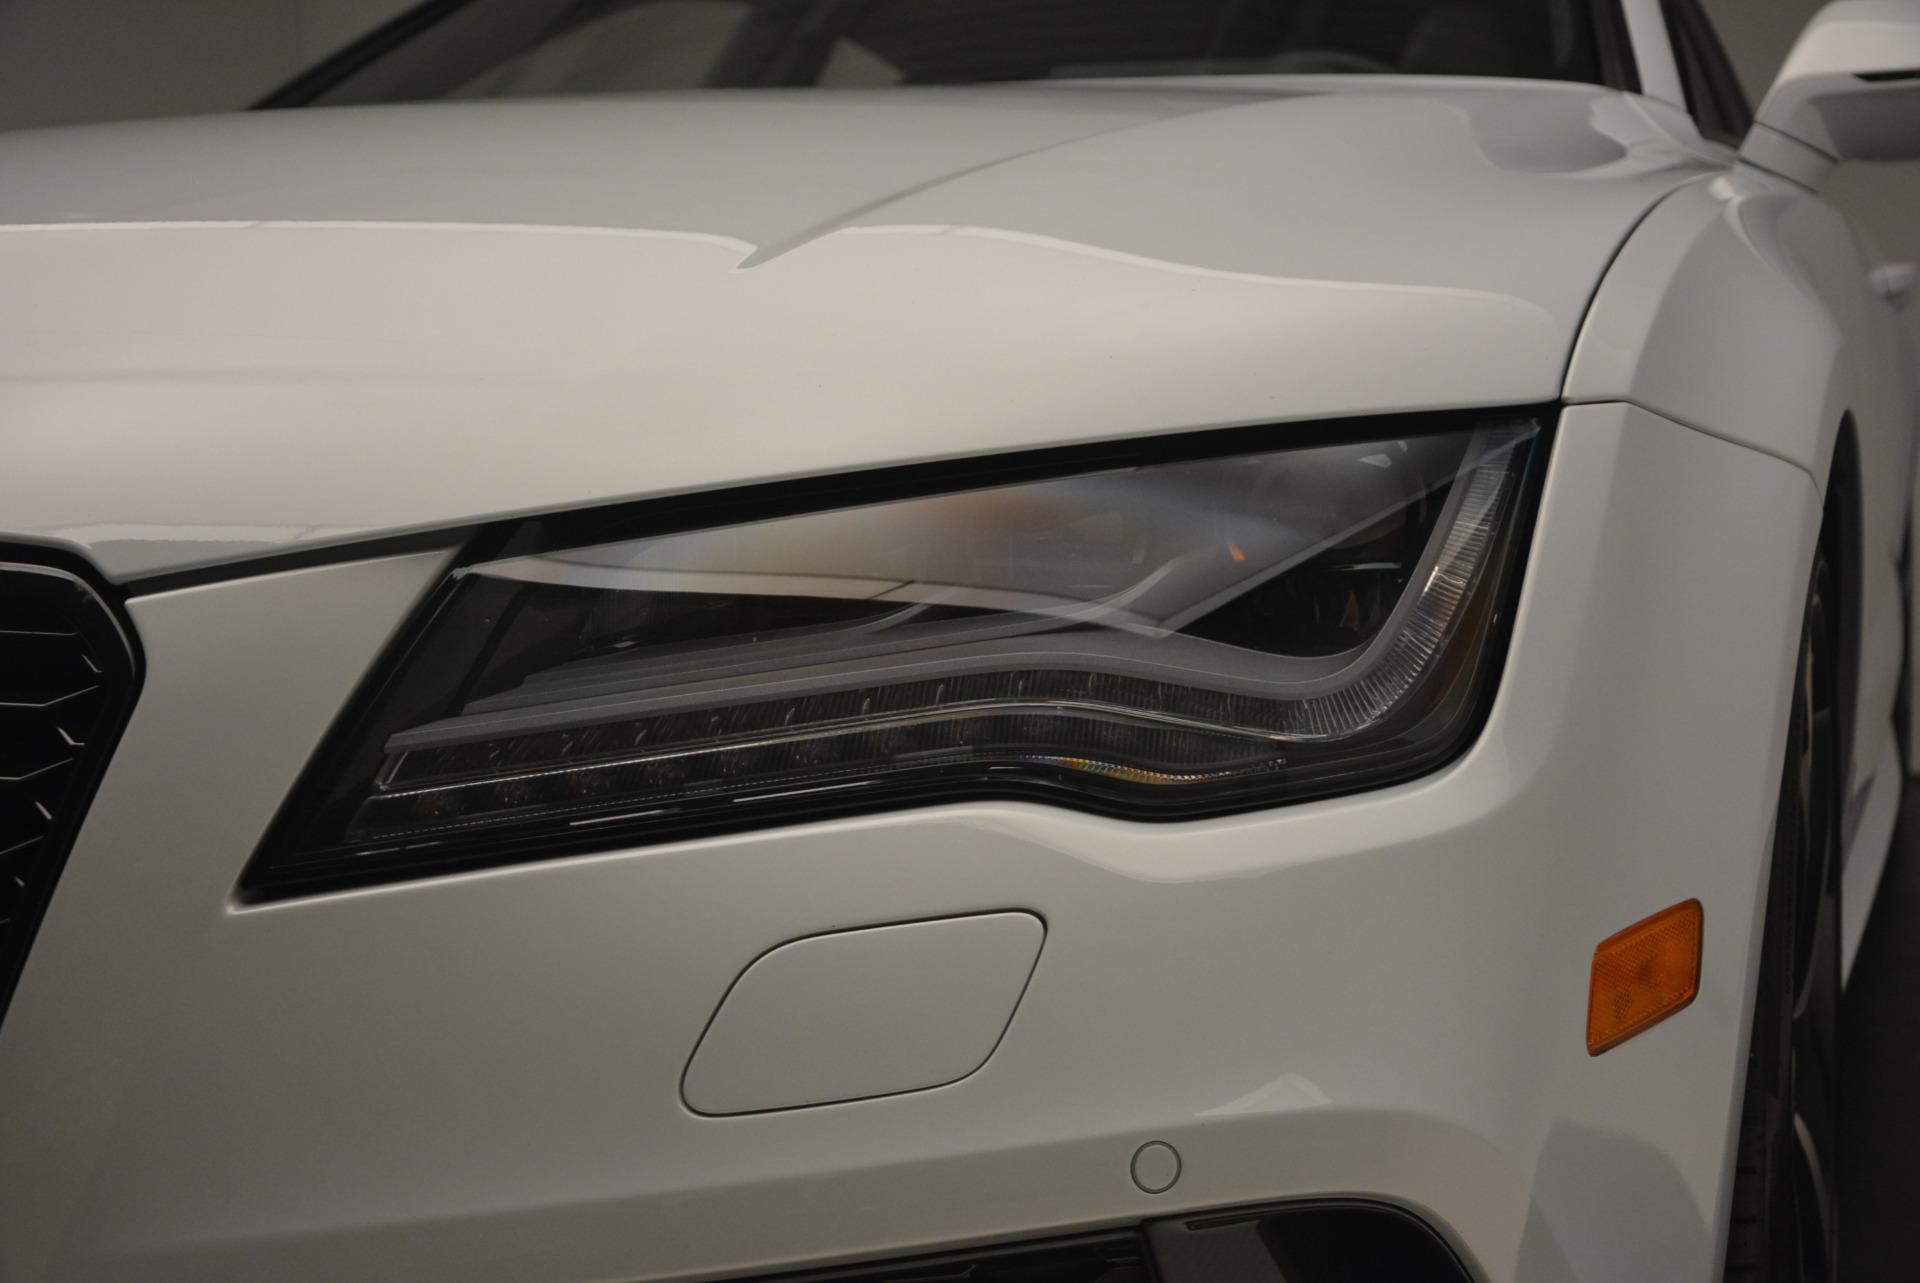 Used 2014 Audi RS 7 4.0T quattro Prestige For Sale In Greenwich, CT 1262_p16